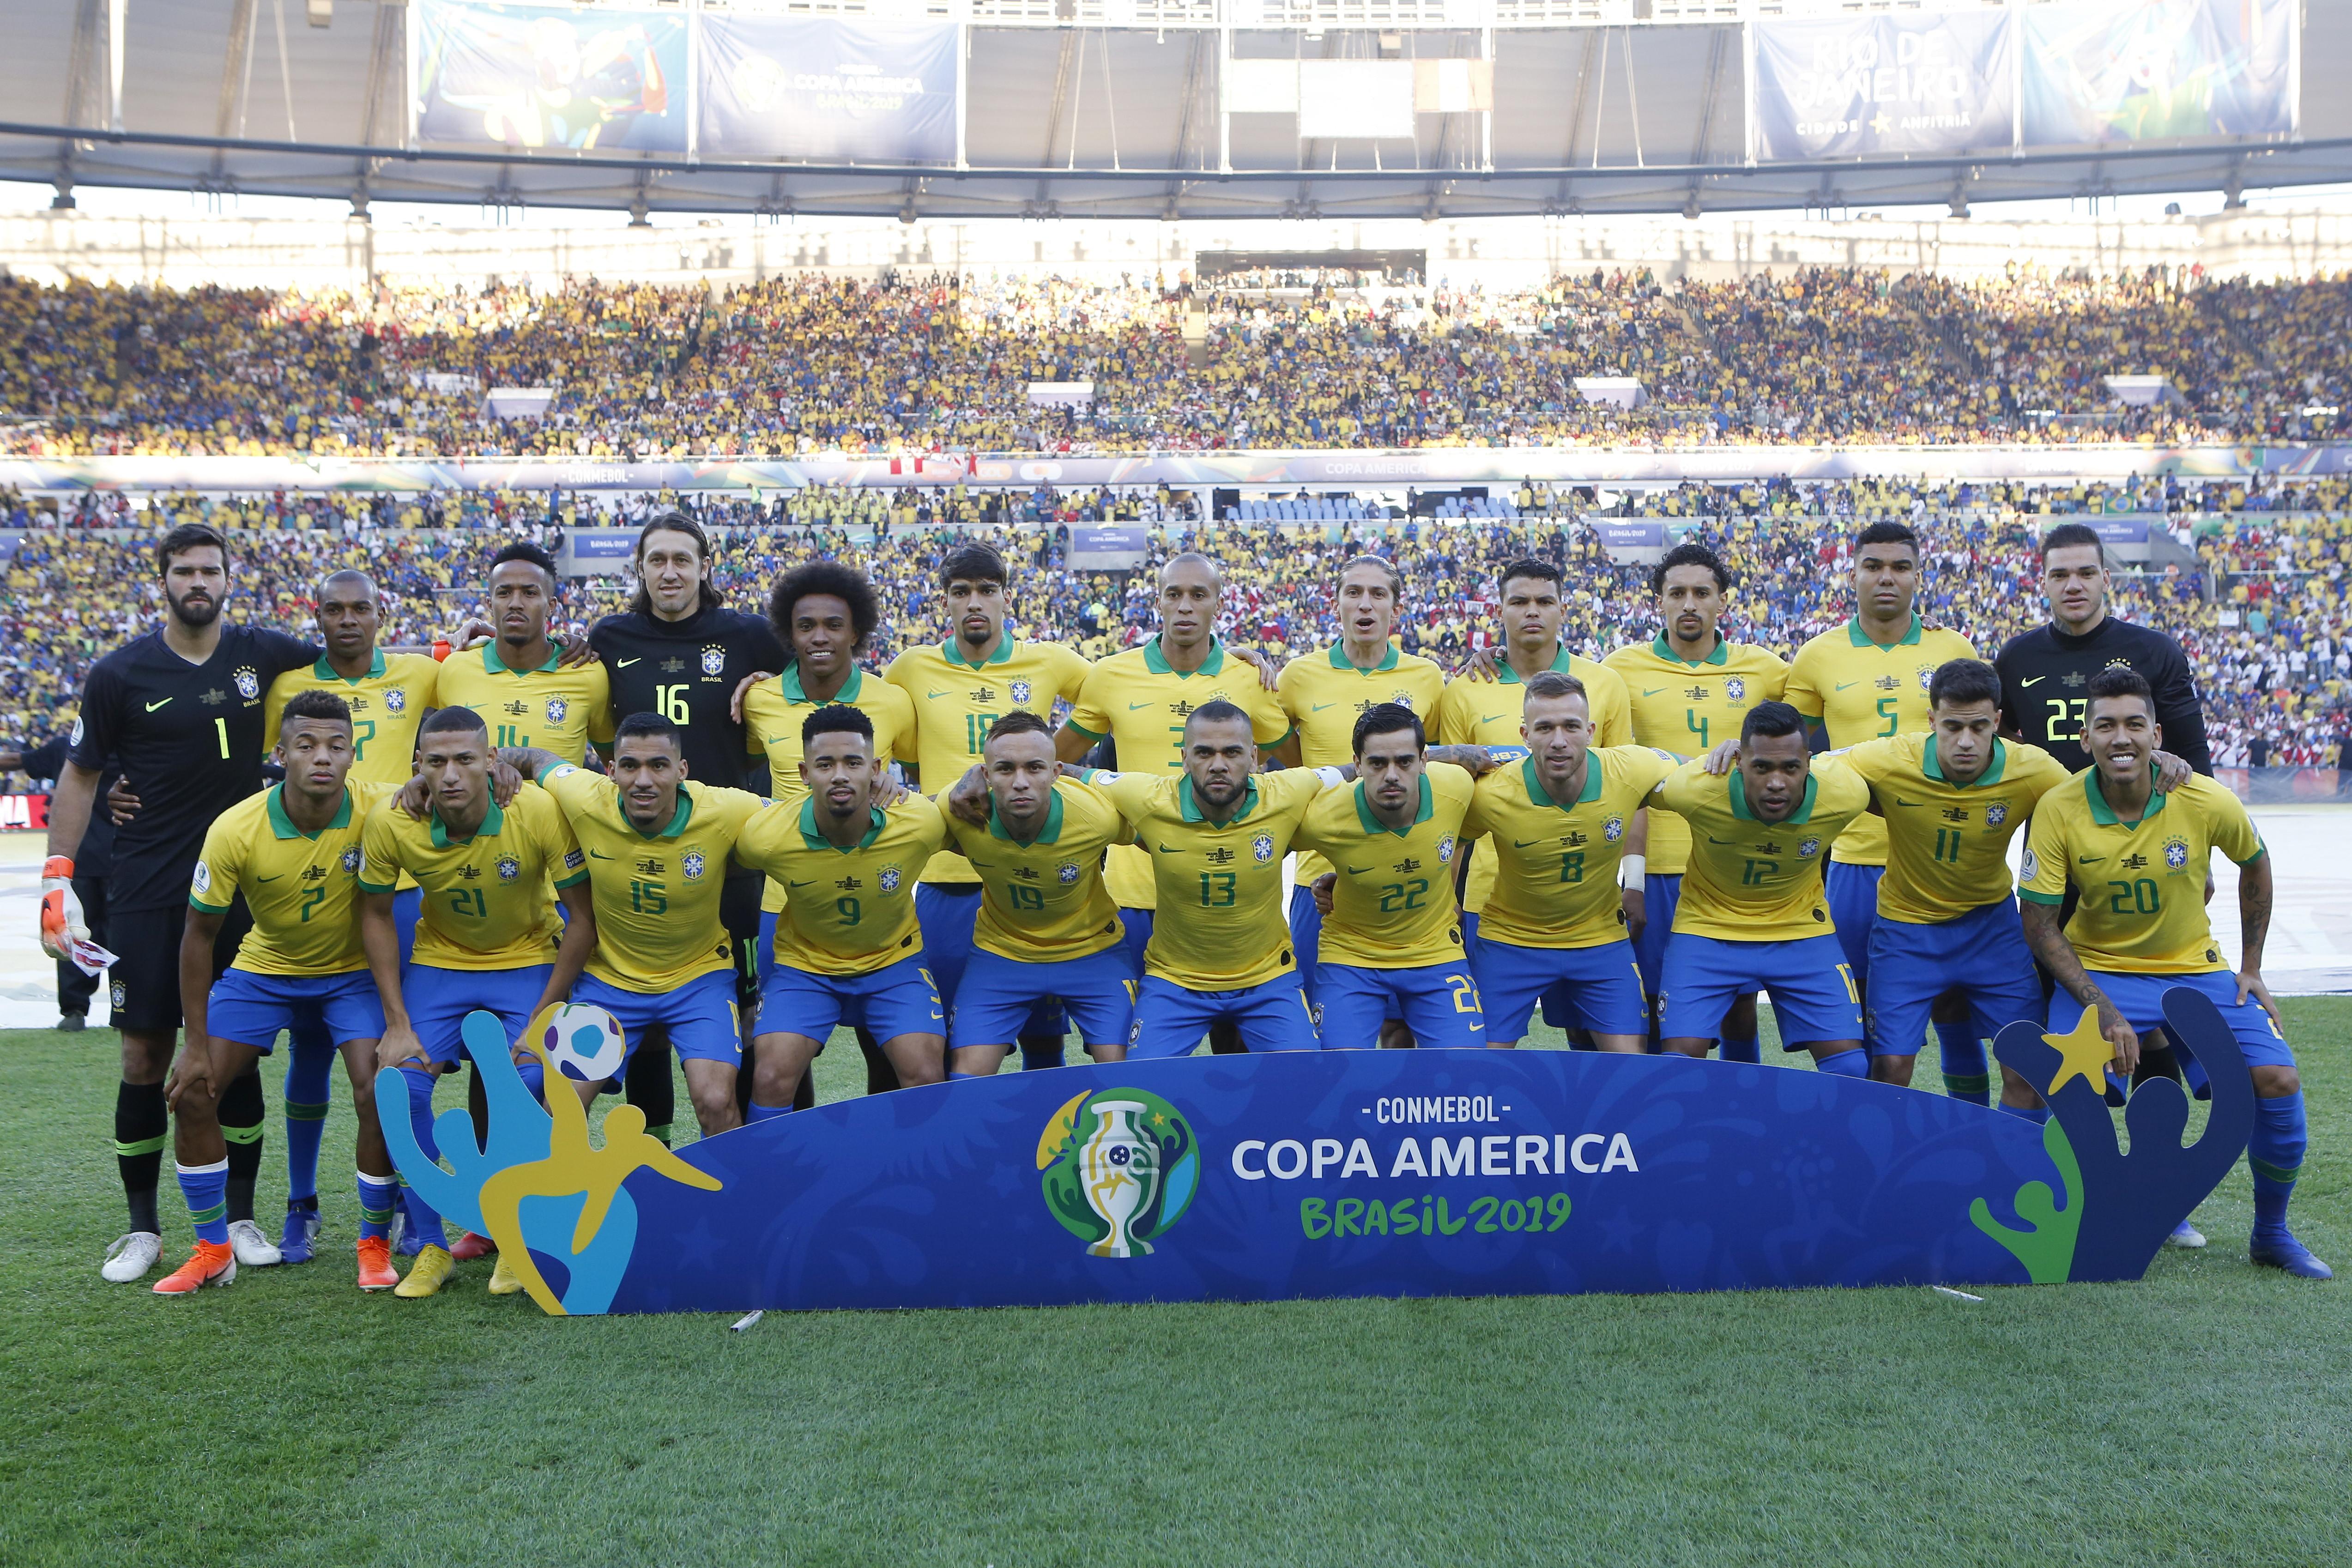 3) Brasile